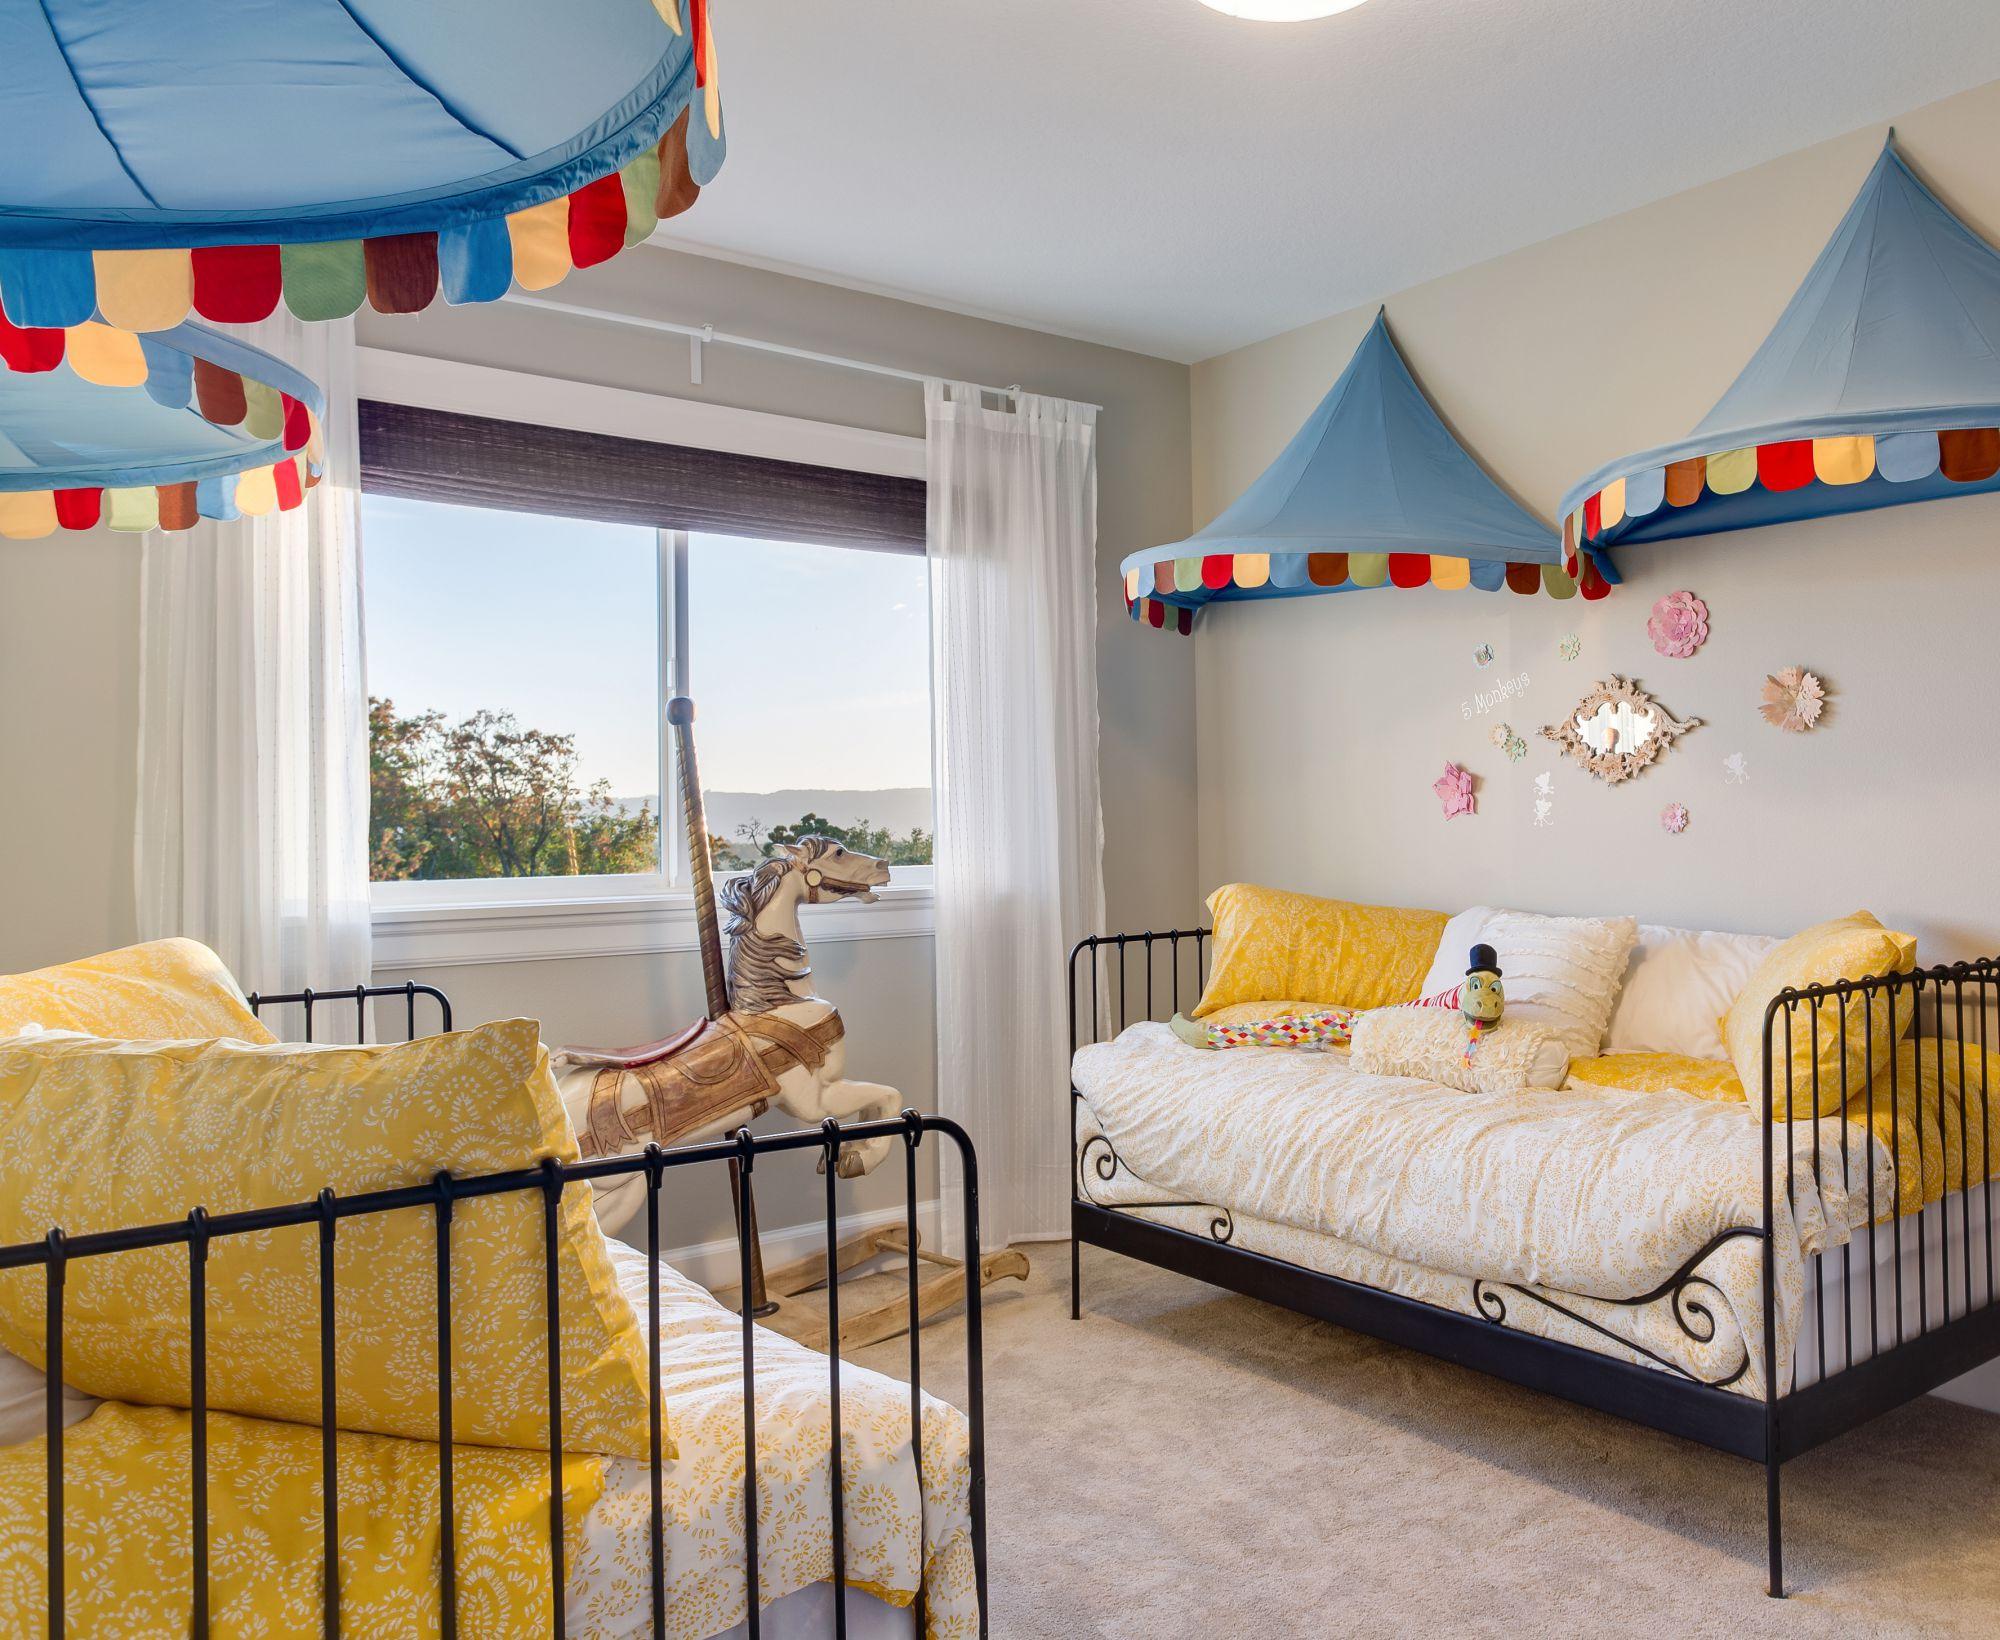 quels luminaires choisir pour une chambre d 39 enfant mag de la famille. Black Bedroom Furniture Sets. Home Design Ideas